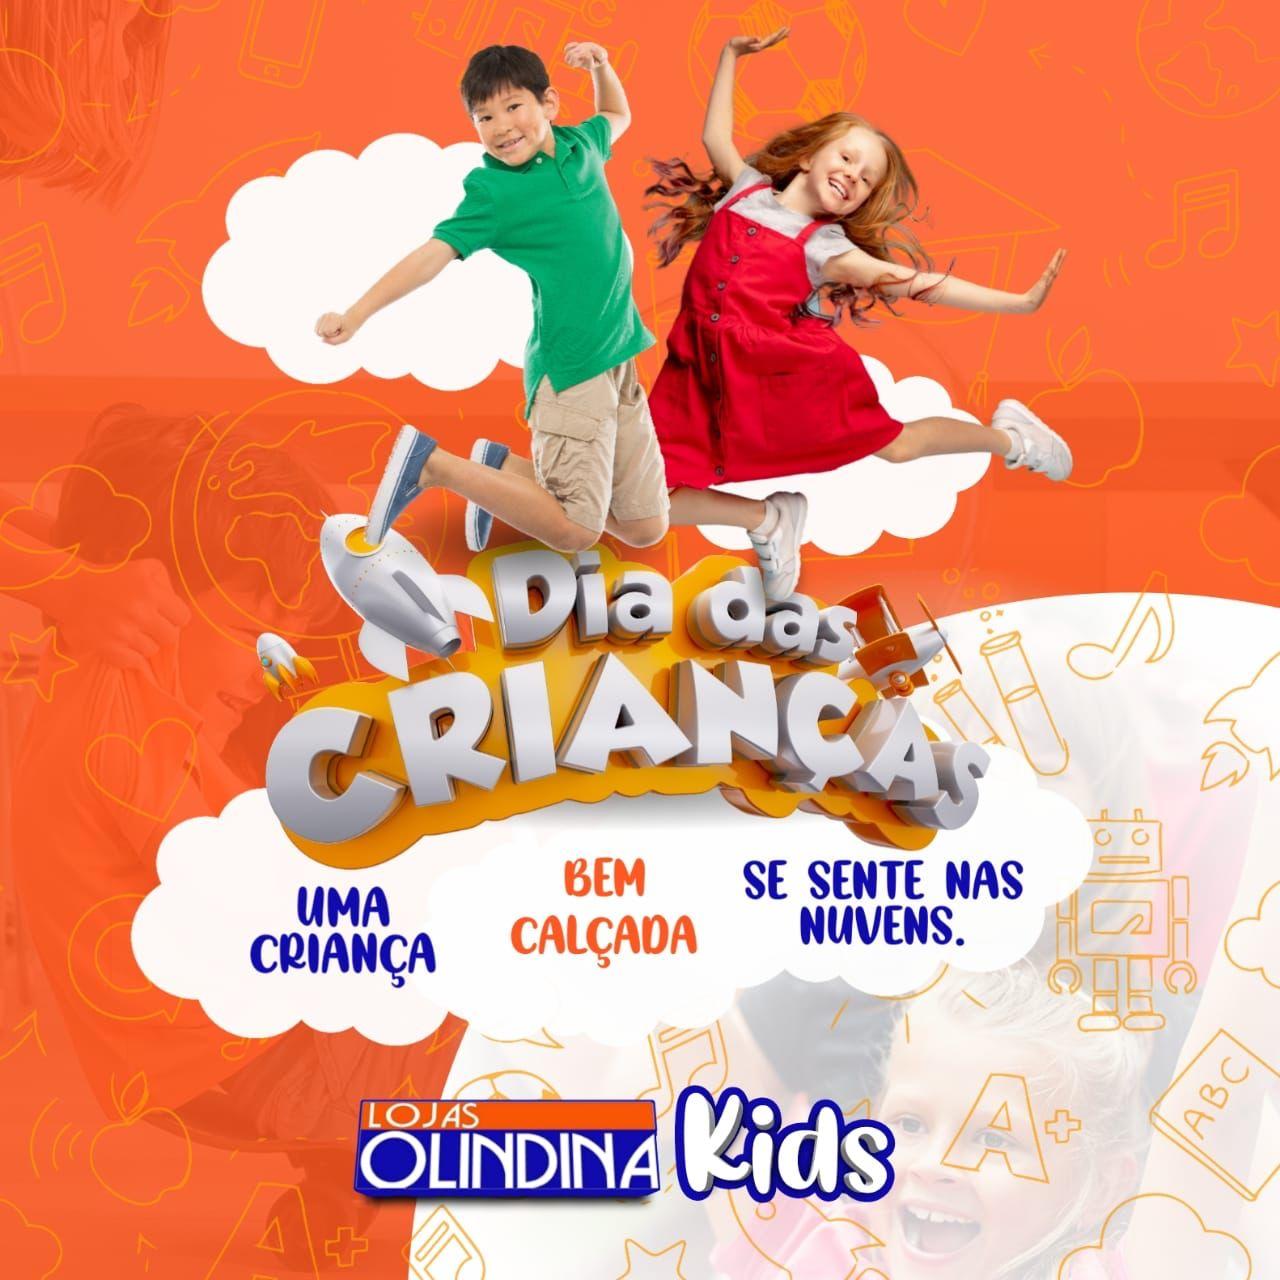 IMG-20211011-WA0053 Presente para o Dia das Crianças é Lojas Olindina